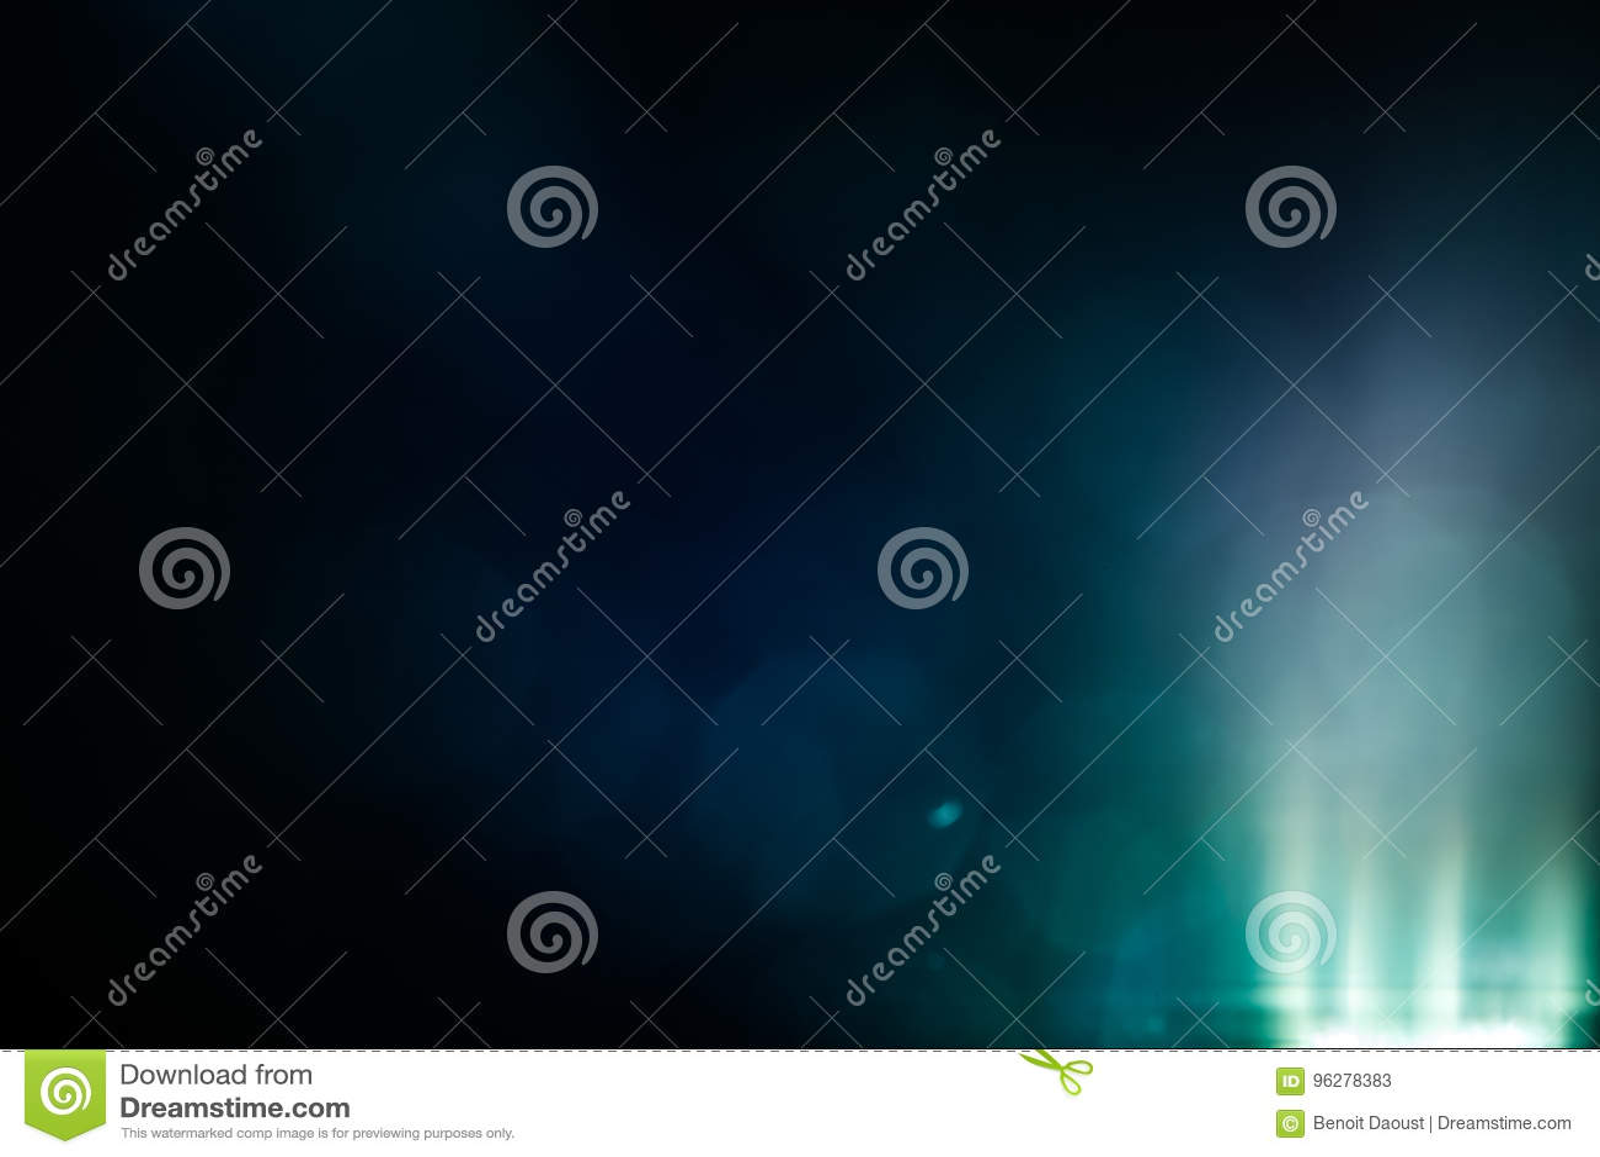 Lo studio reale del chiarore della lente ha sparato facile aggiungere come filtro sopra le foto